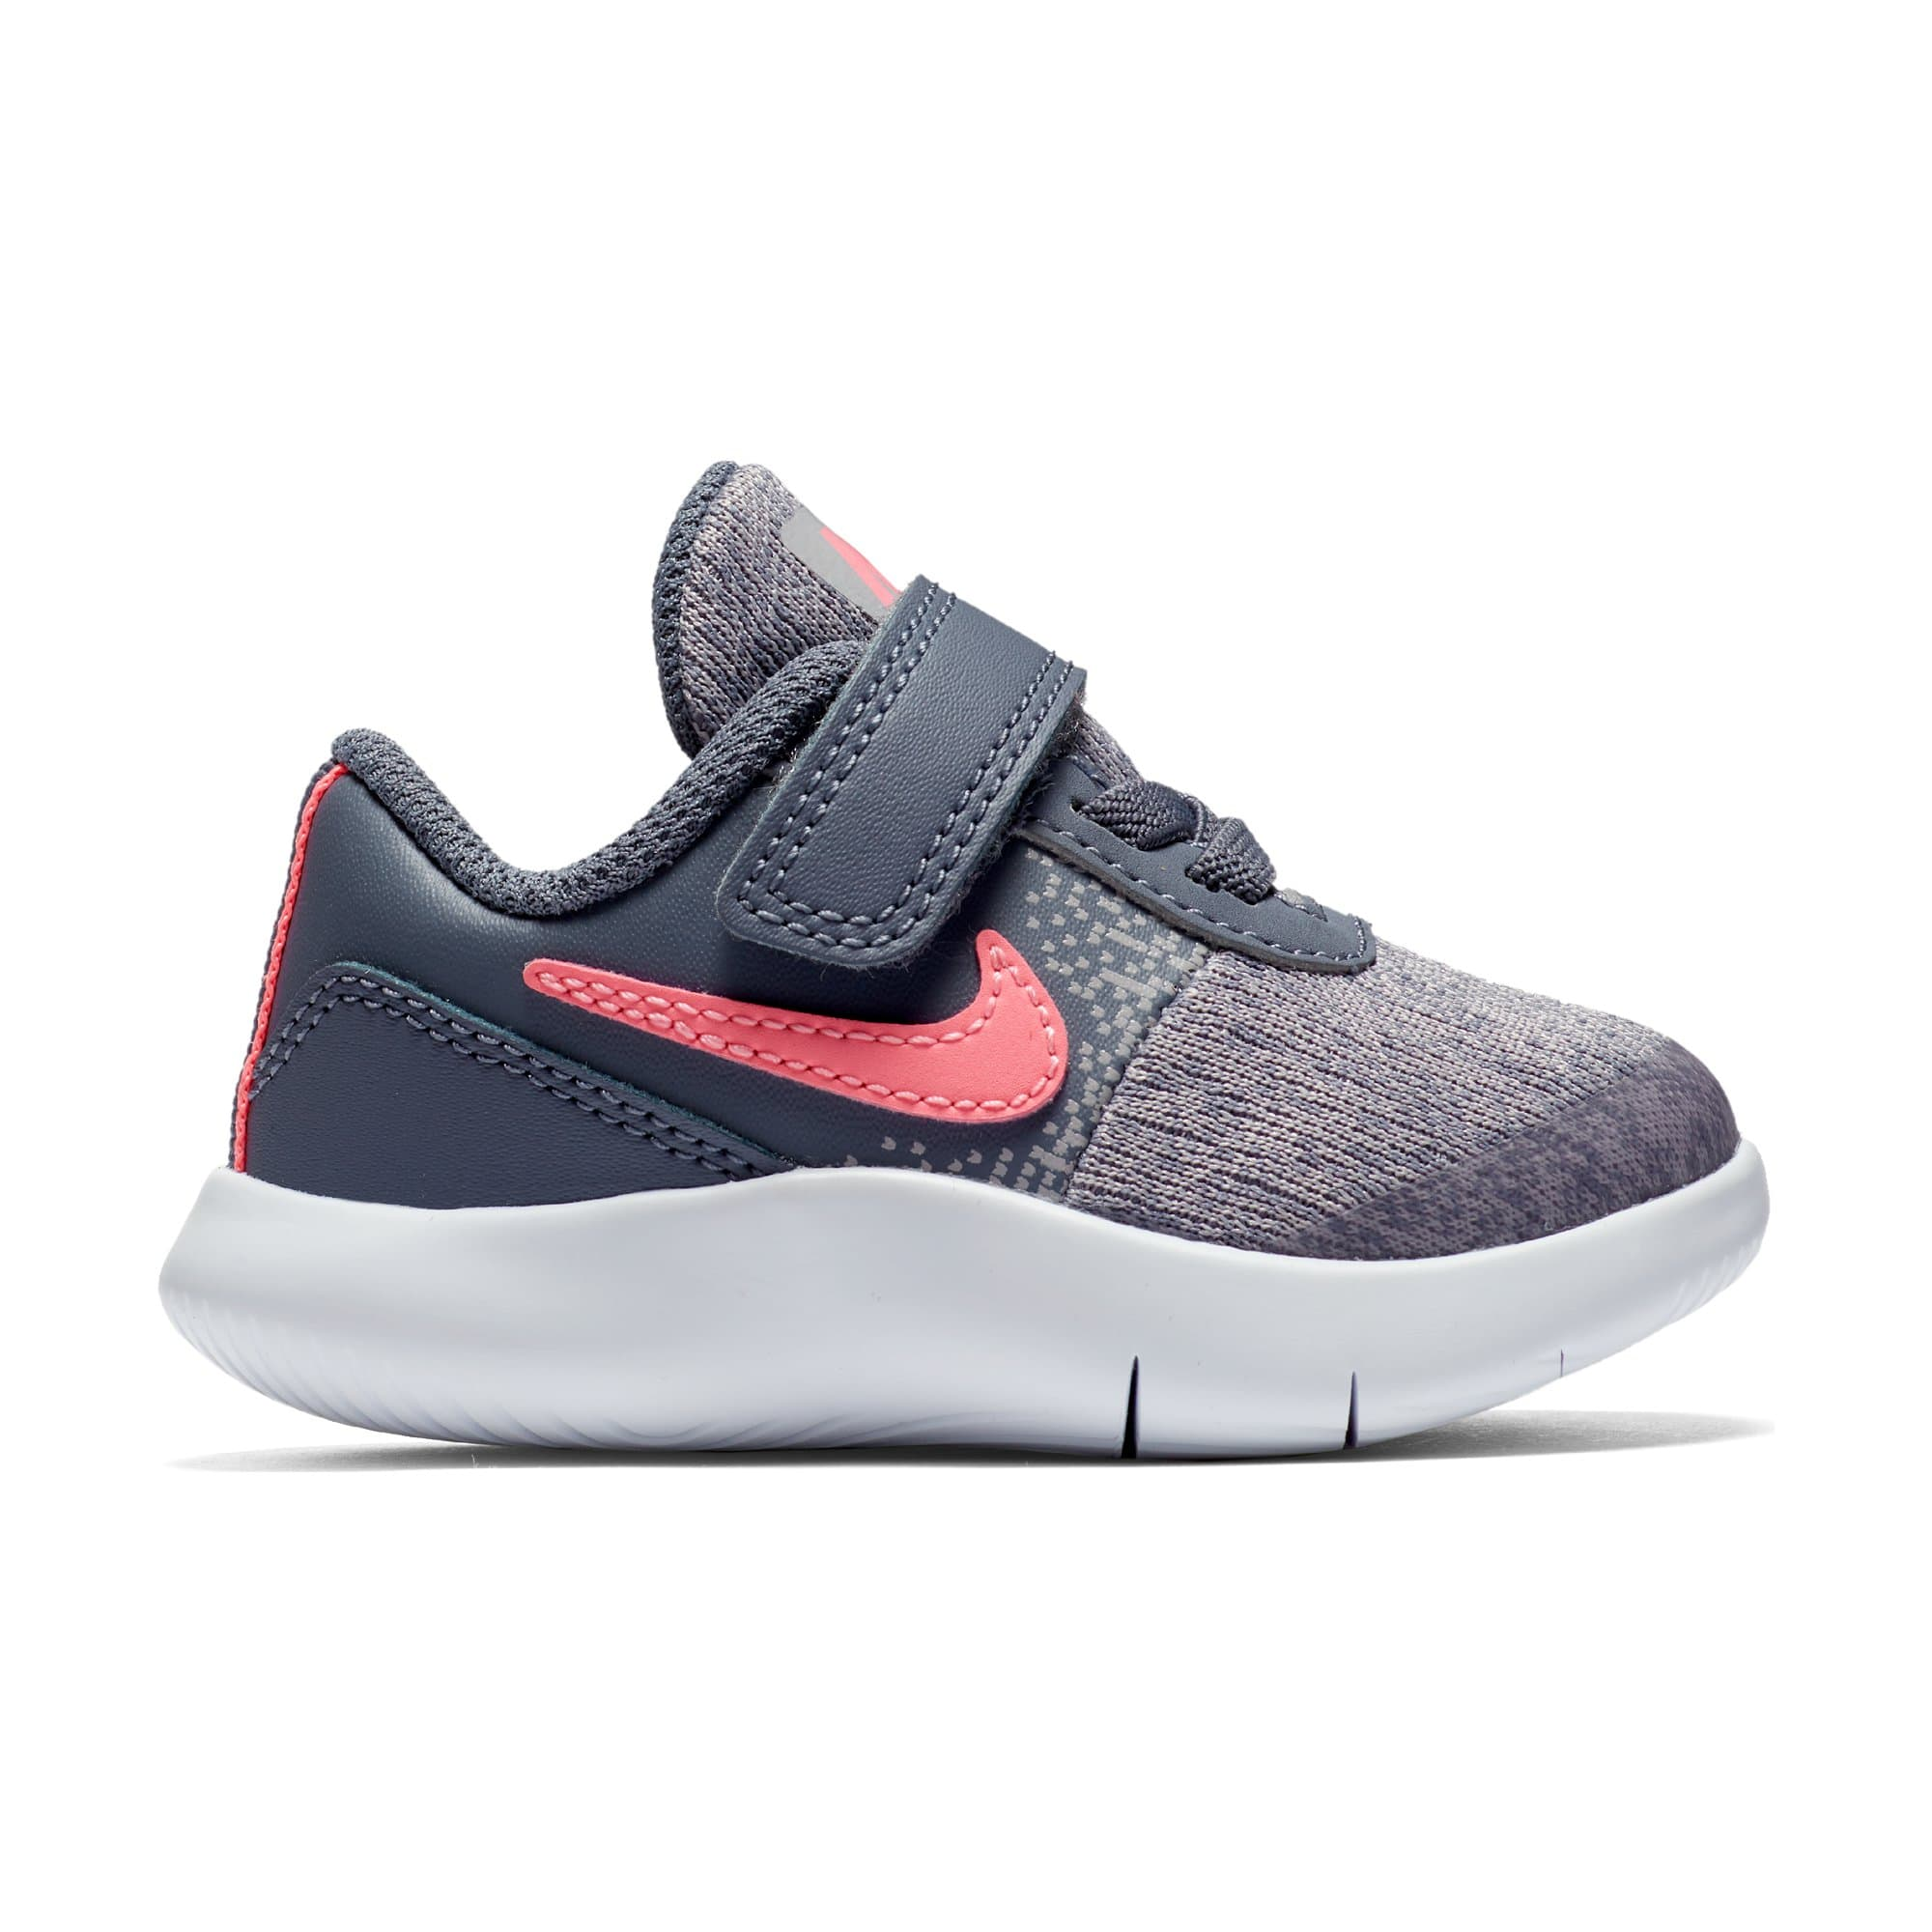 Contact De Nike Course Flex Chaussures Pour Enfant Y7gbIf6yv